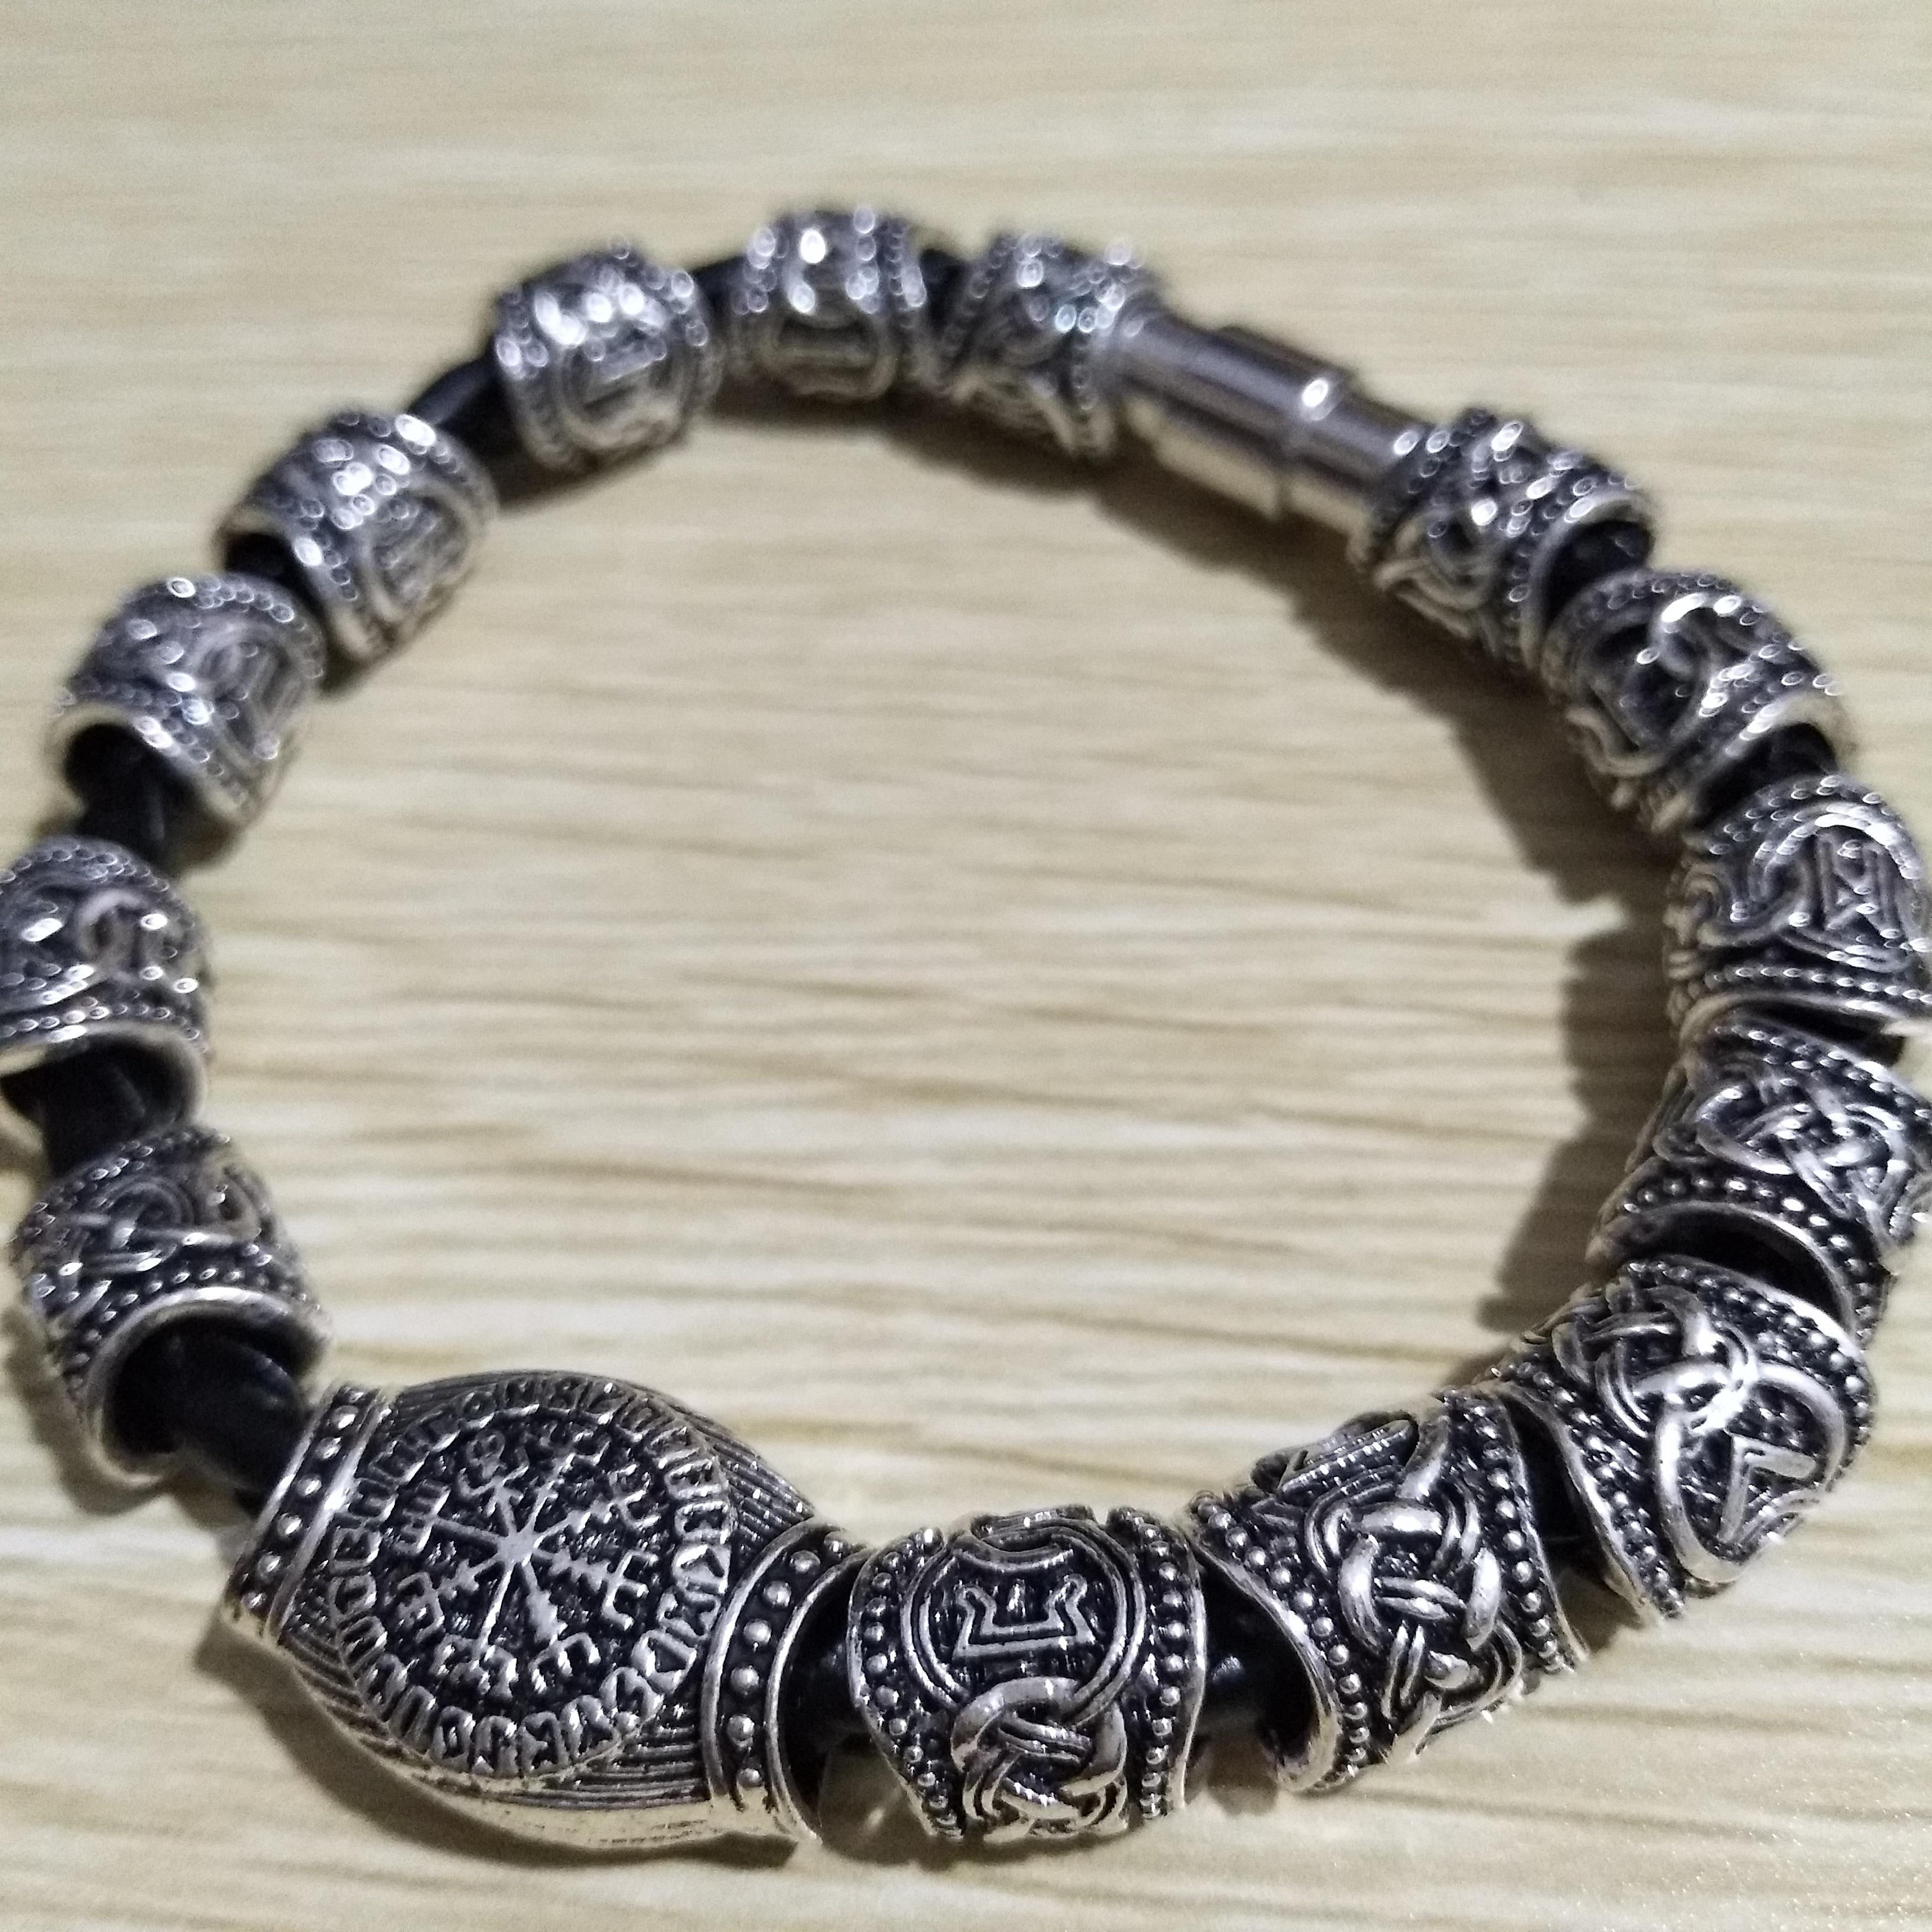 Norse cuentas Runas Punk joyería vikingo pulsera para hombres Bangels mujeres Runas Vikingas accesorios de decoración